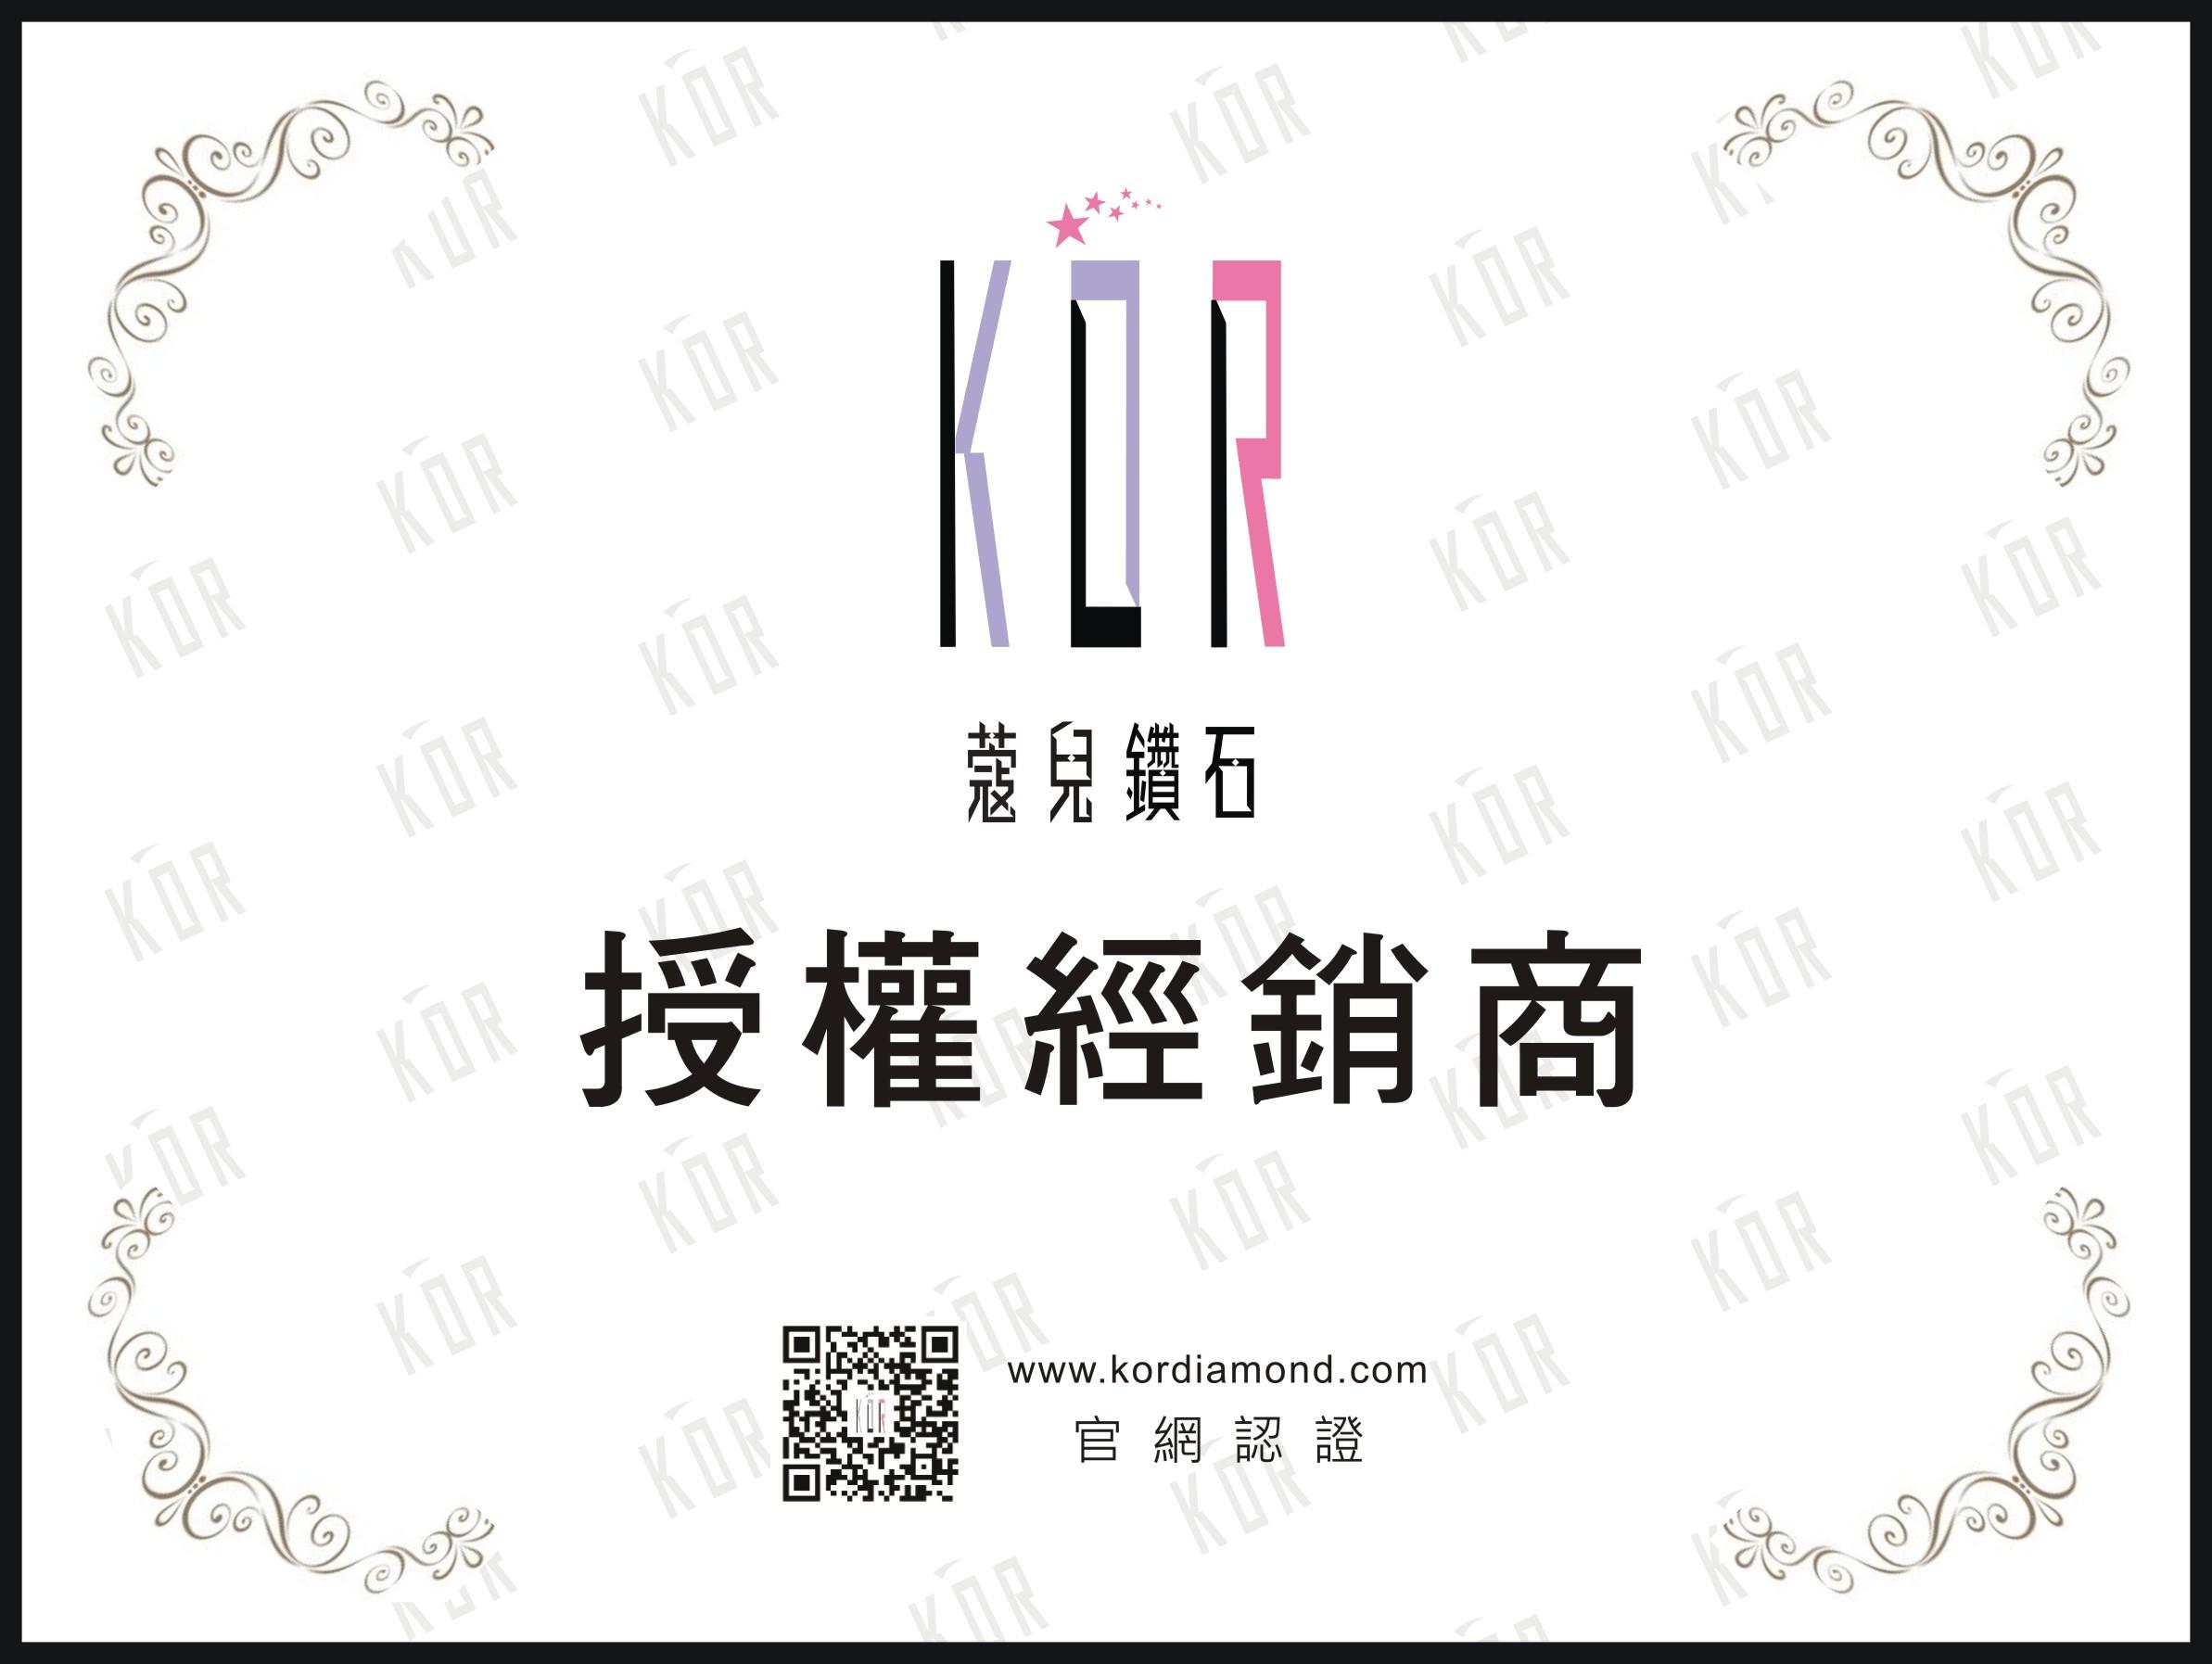 經銷商授權證20x15.jpg